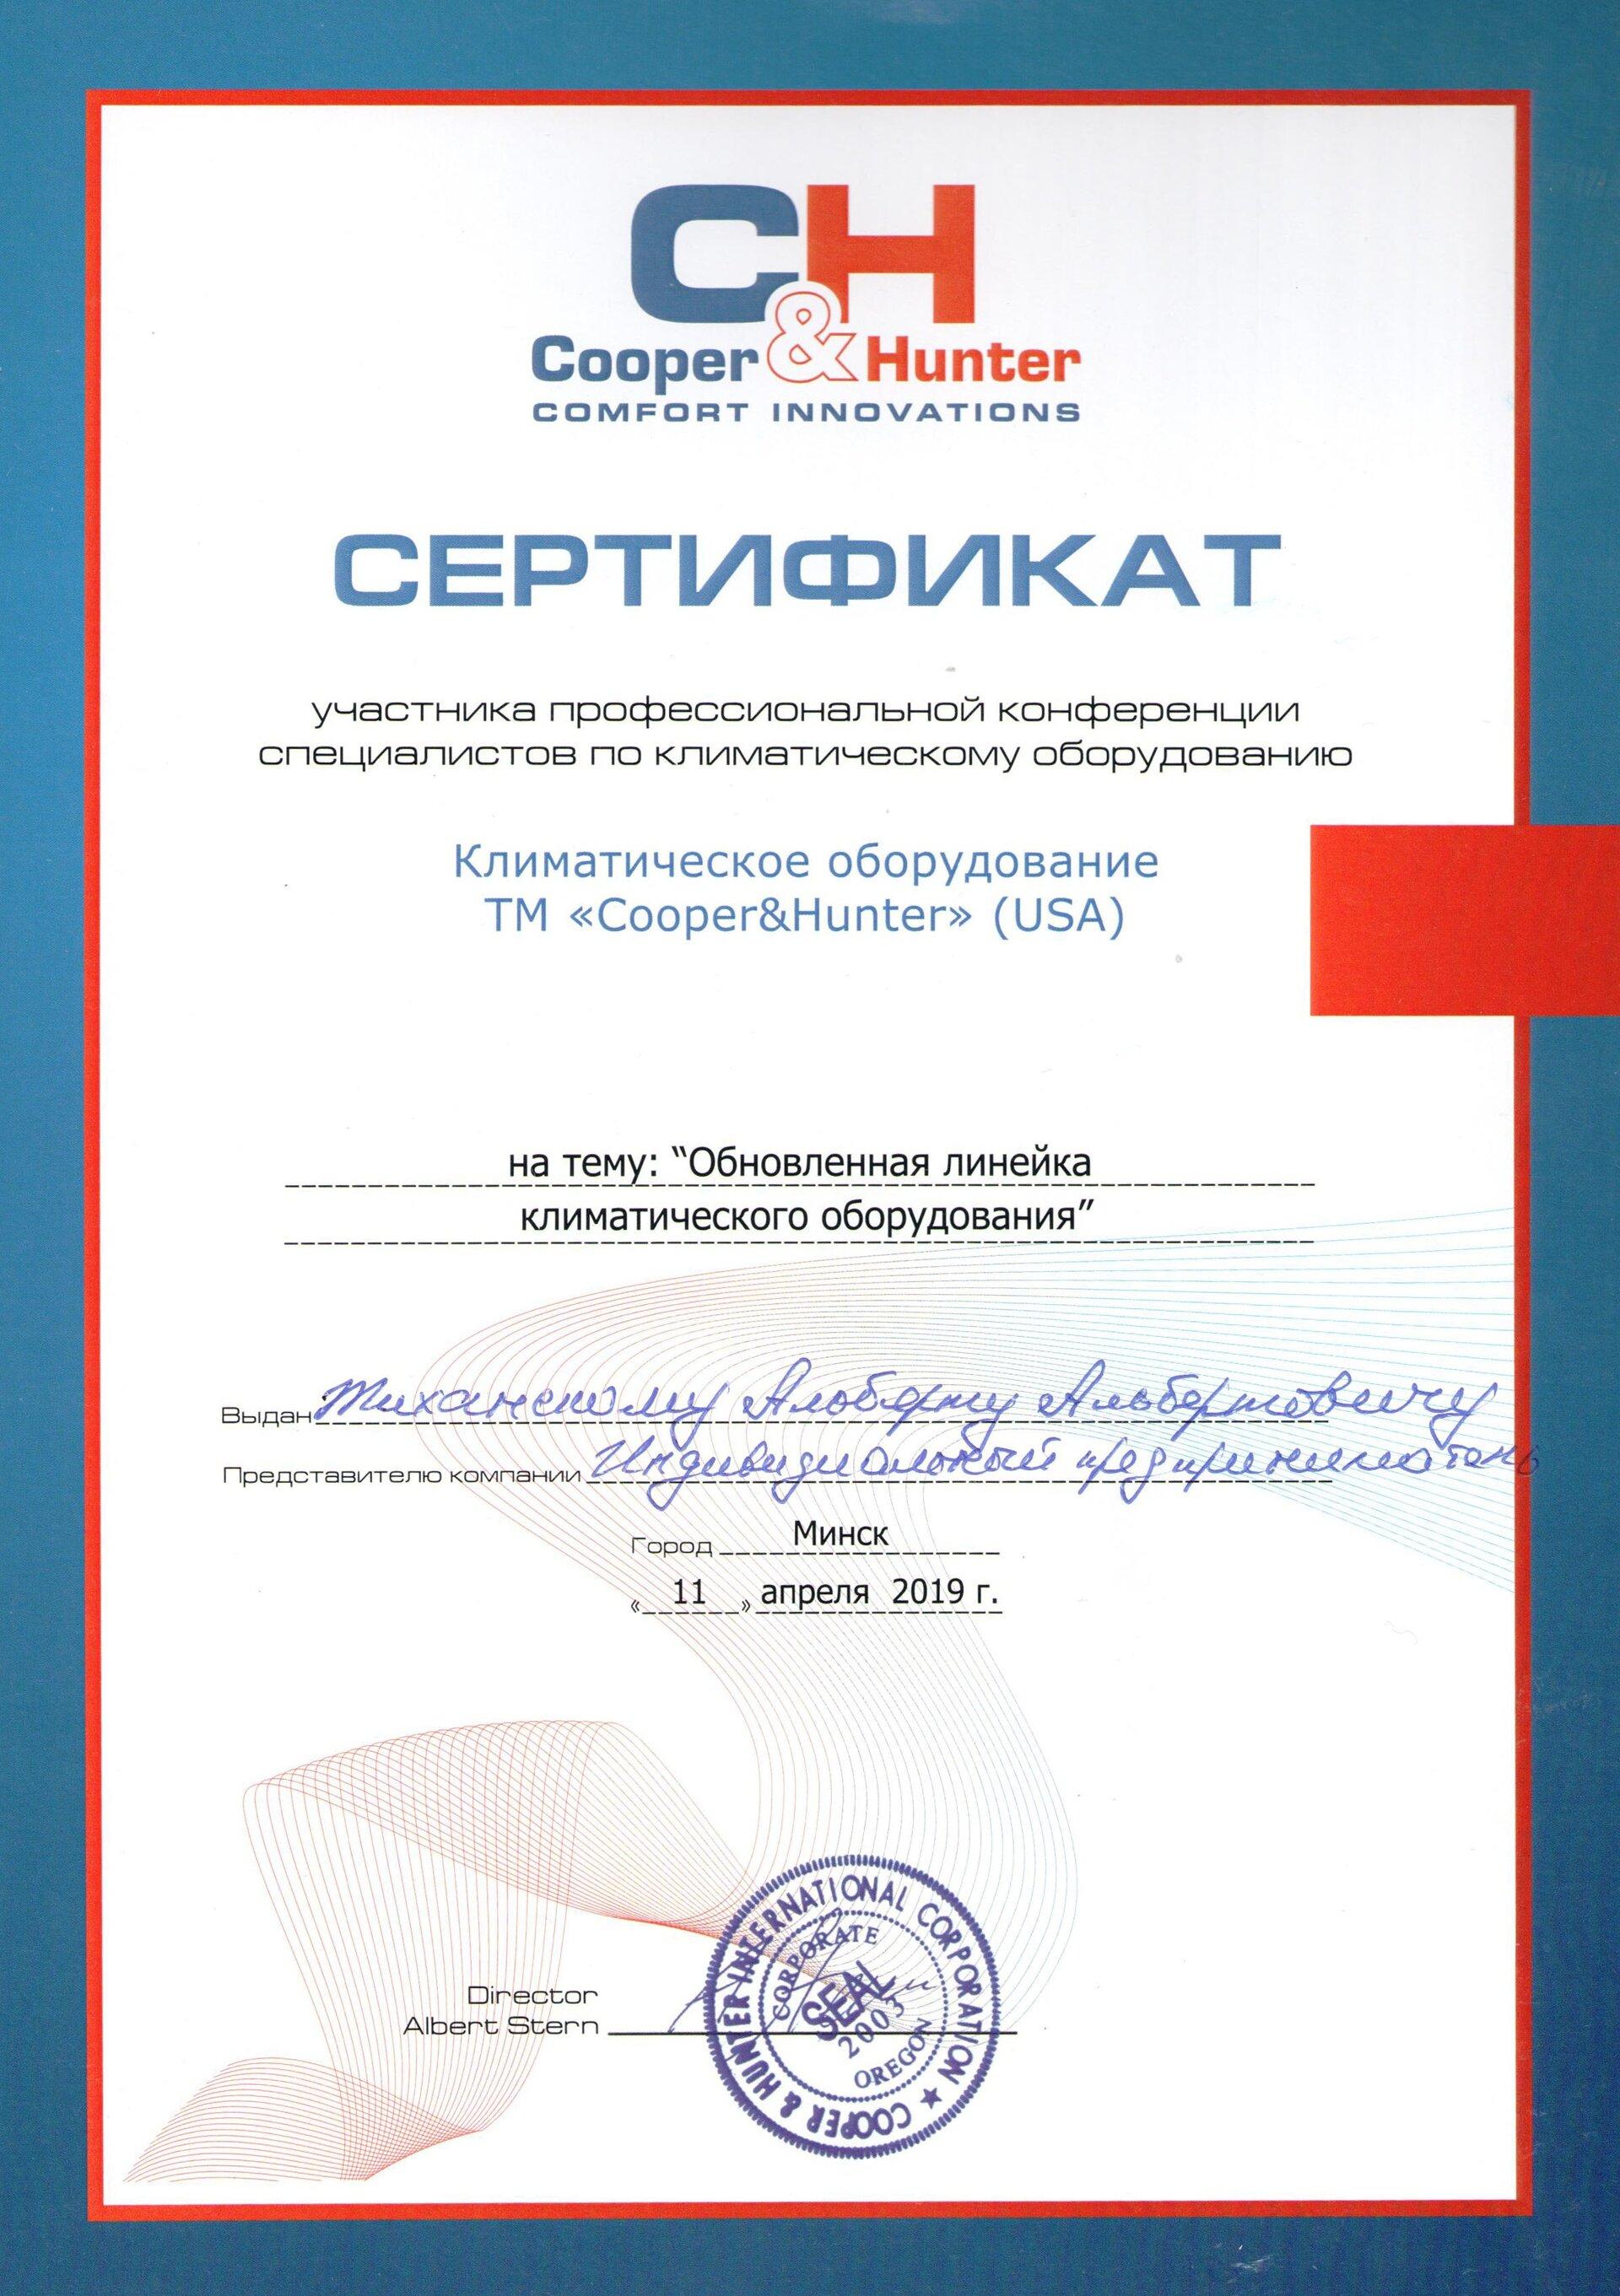 Продажа, установка и ремонт кондиционеров в Минске - фото pic_183318b3e716e562c9efade07ed8f553_1920x9000_1.jpg